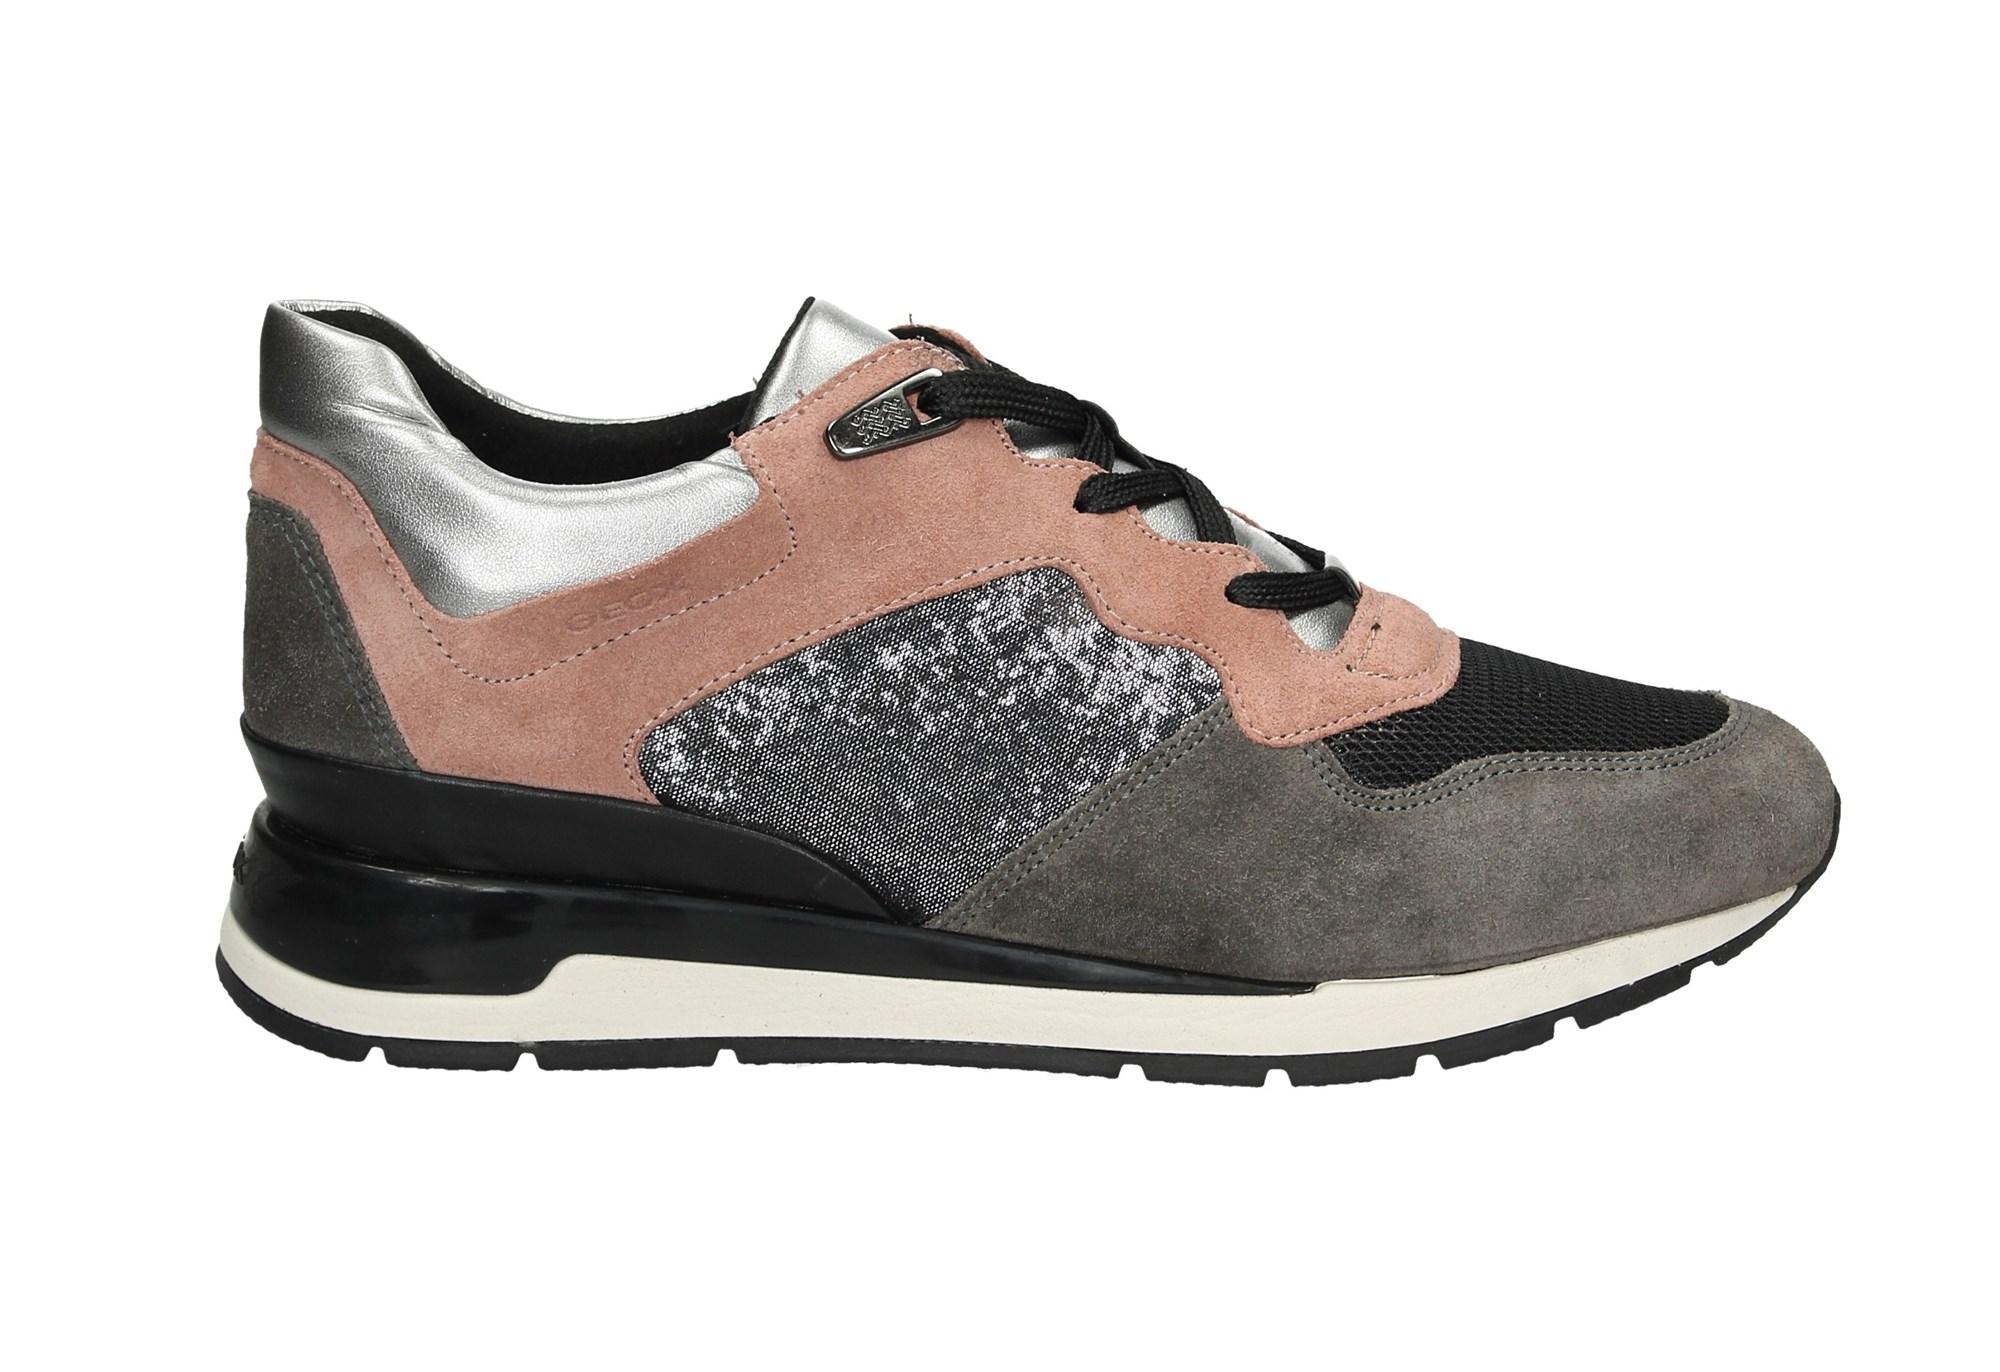 Calzature Geox Principe D44n1a ColorSneaker Donna Multi Bassa u5FlJcTK13